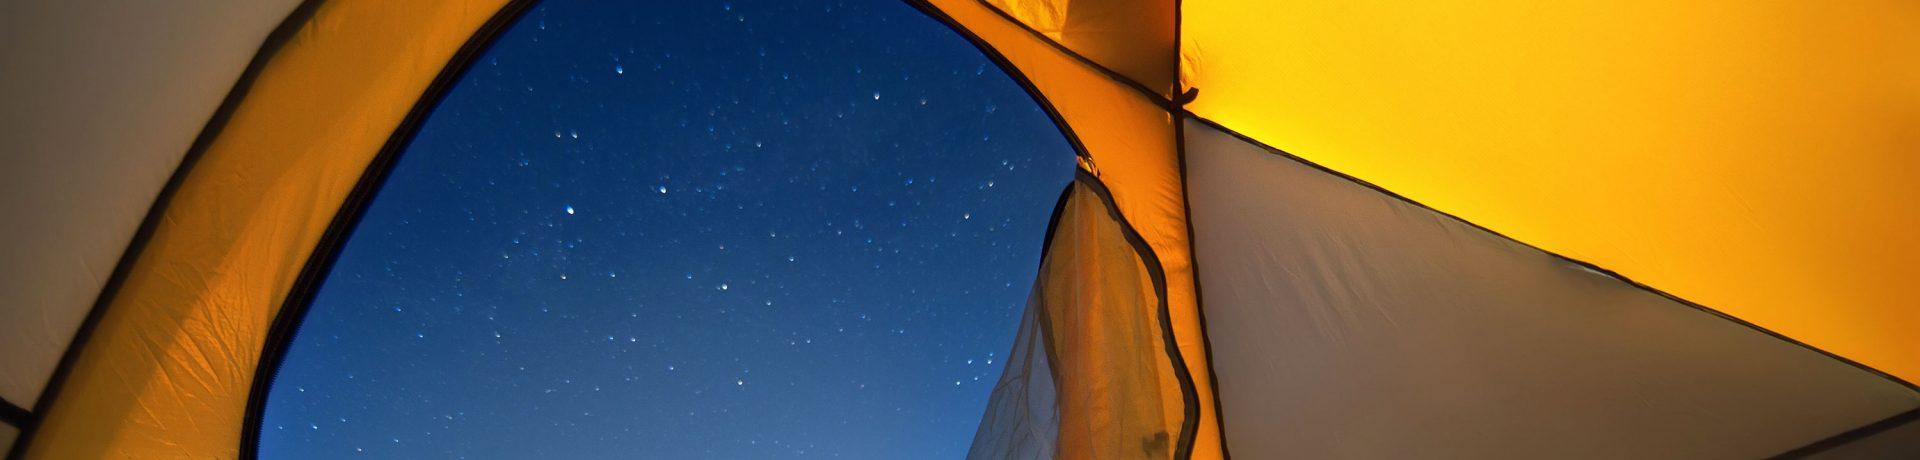 Camping Treks